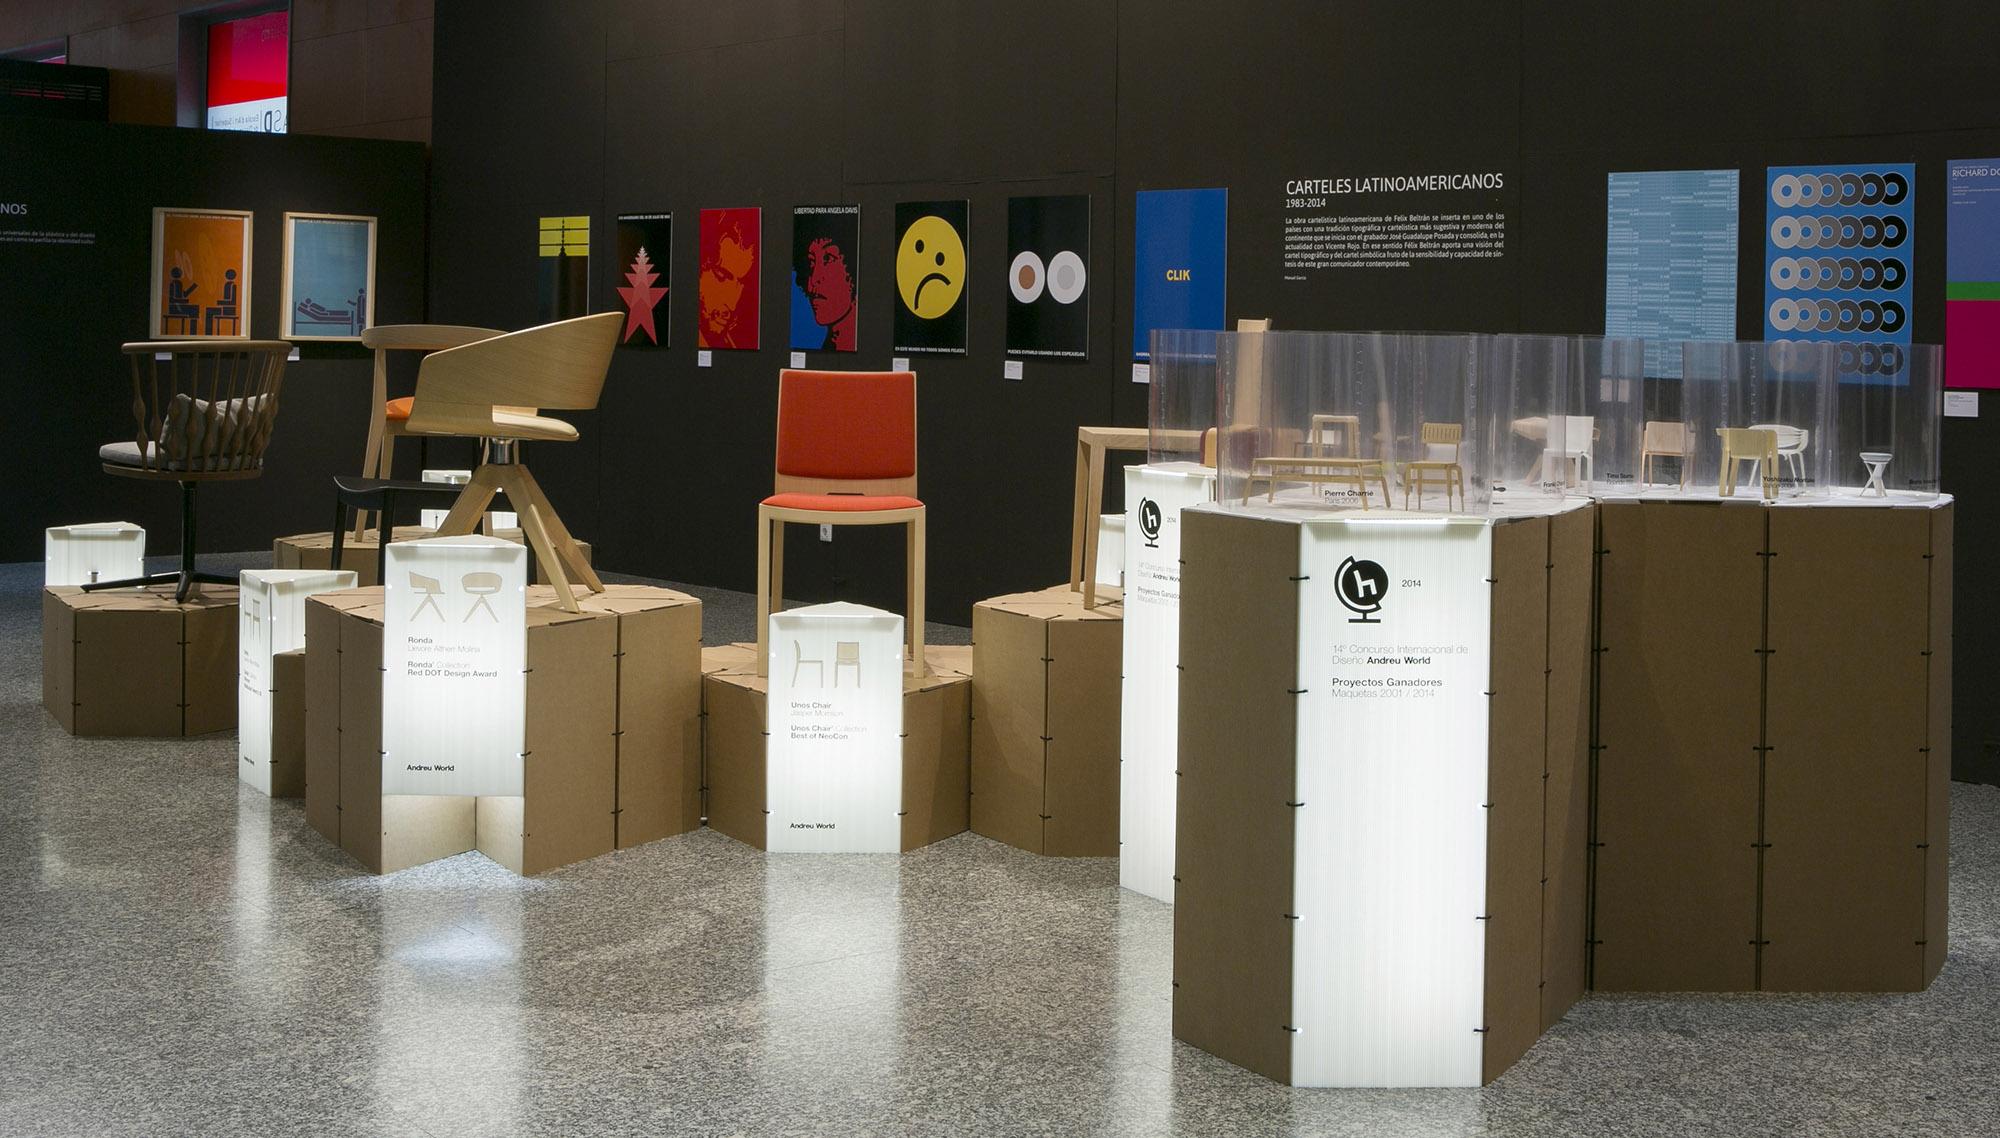 Exposición y entrega de Premios Internacionales de Diseño Andreu World 2014